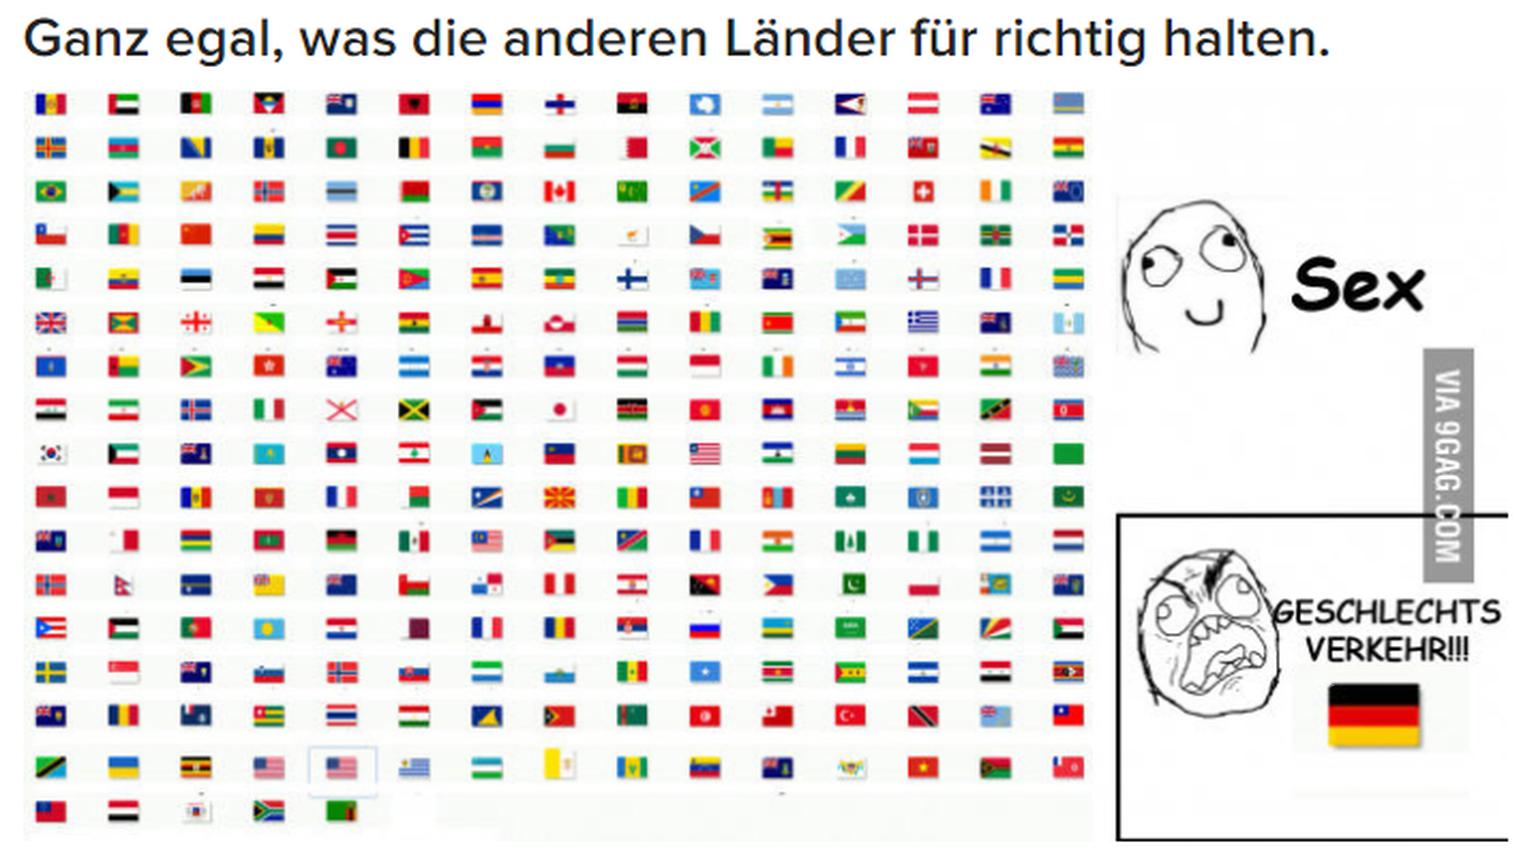 29 Beweise Dass Es Fast Unmöglich Ist Deutsch Zu Lernen